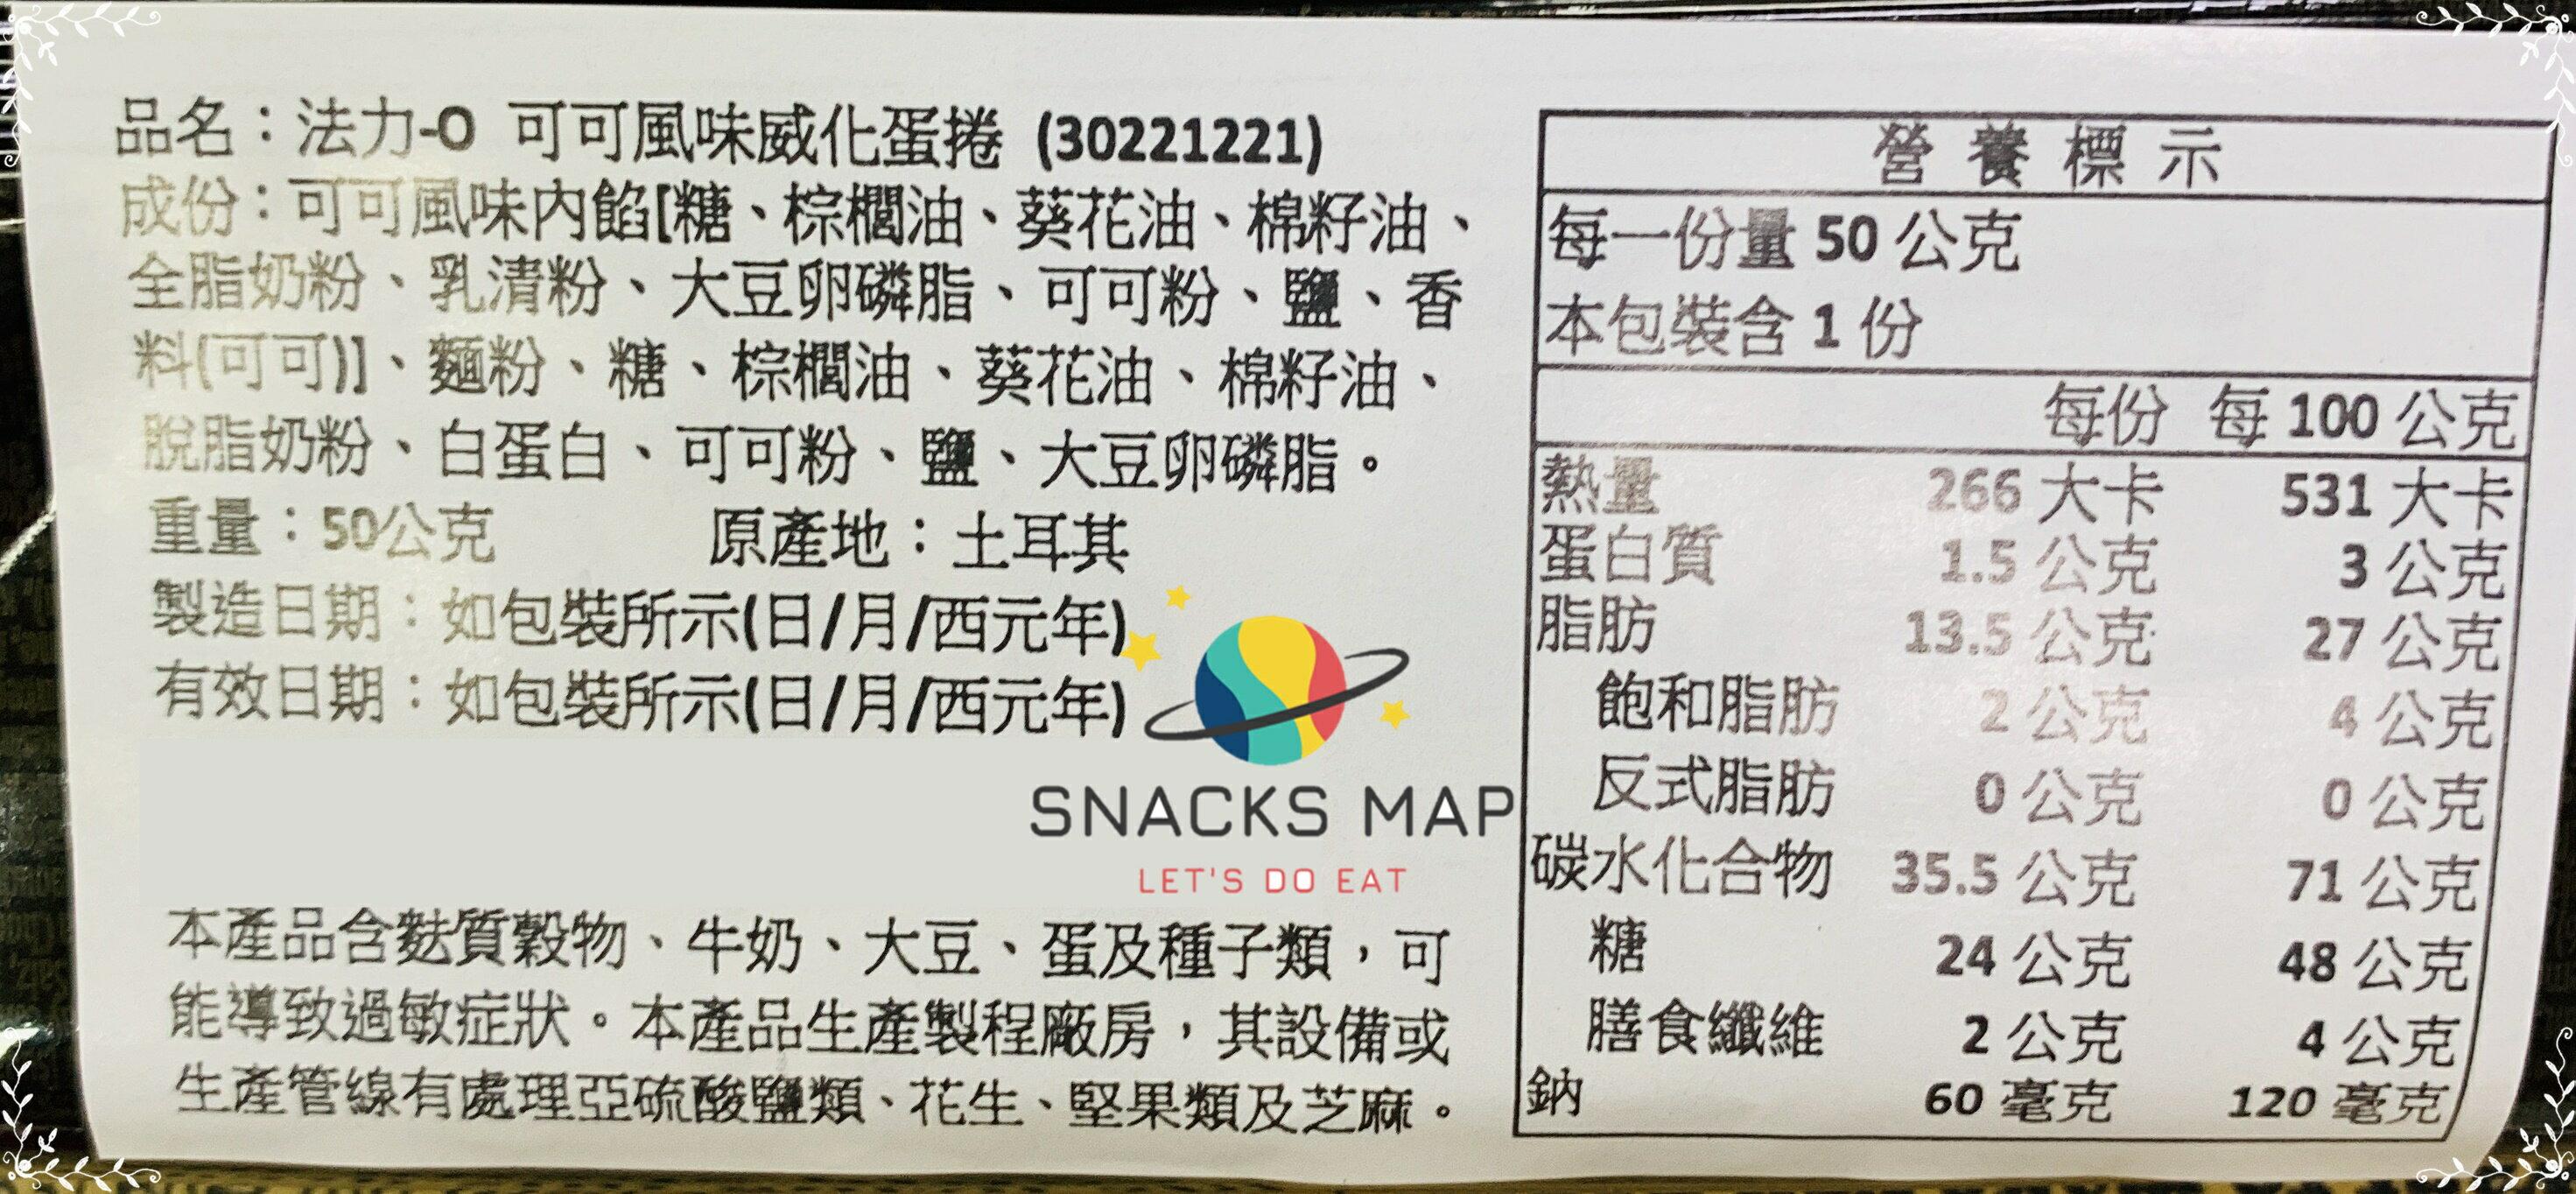 [SNACKS MAP零食地圖]法力-O 草莓風味威化蛋捲 可可風味威化蛋捲  土耳其 捲心酥 蛋捲